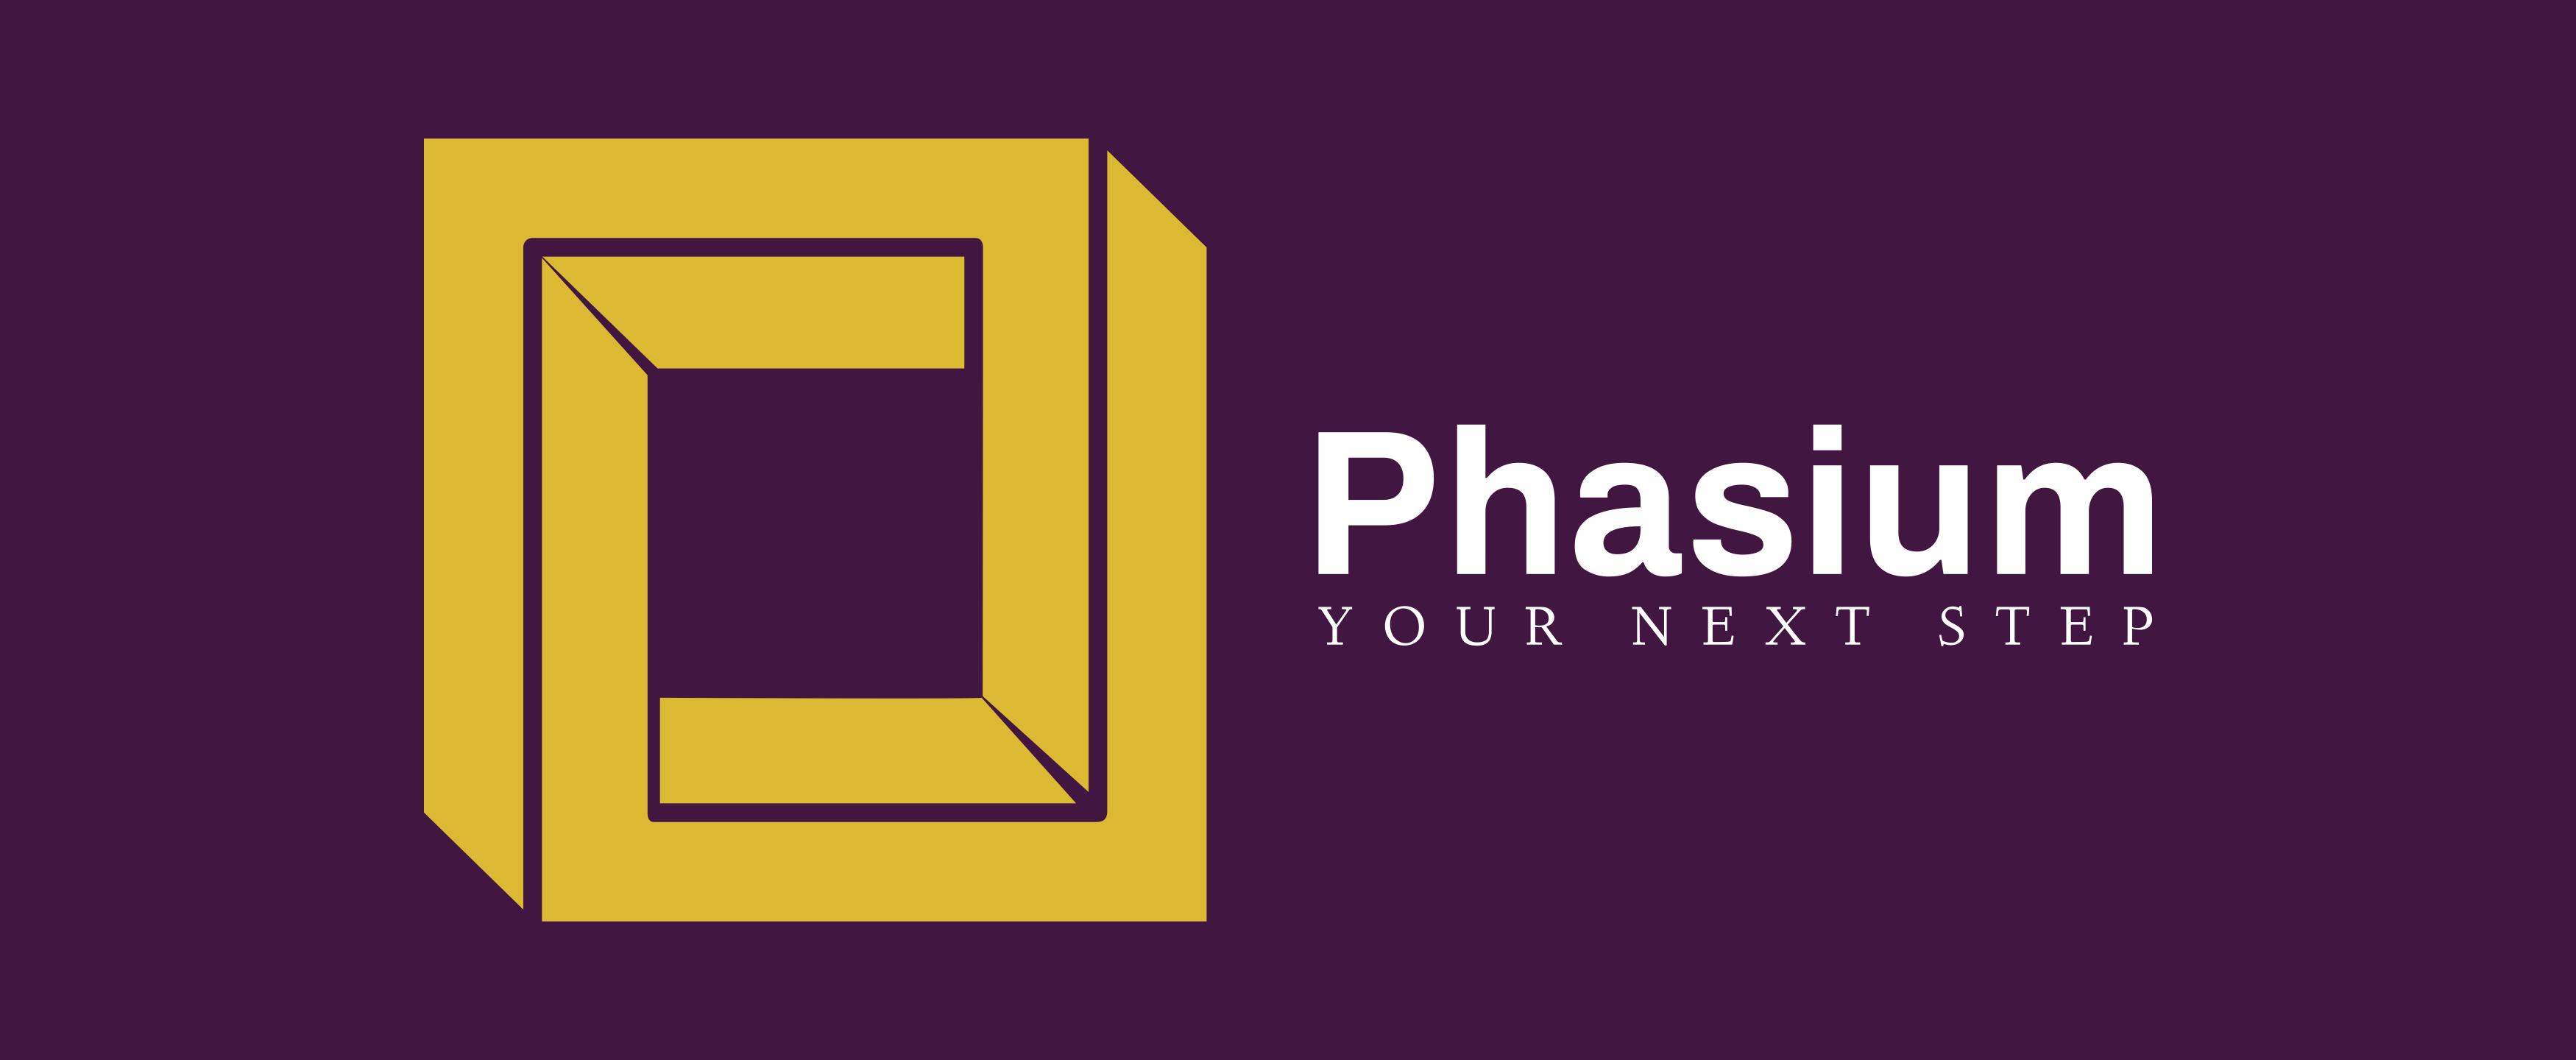 Phasium